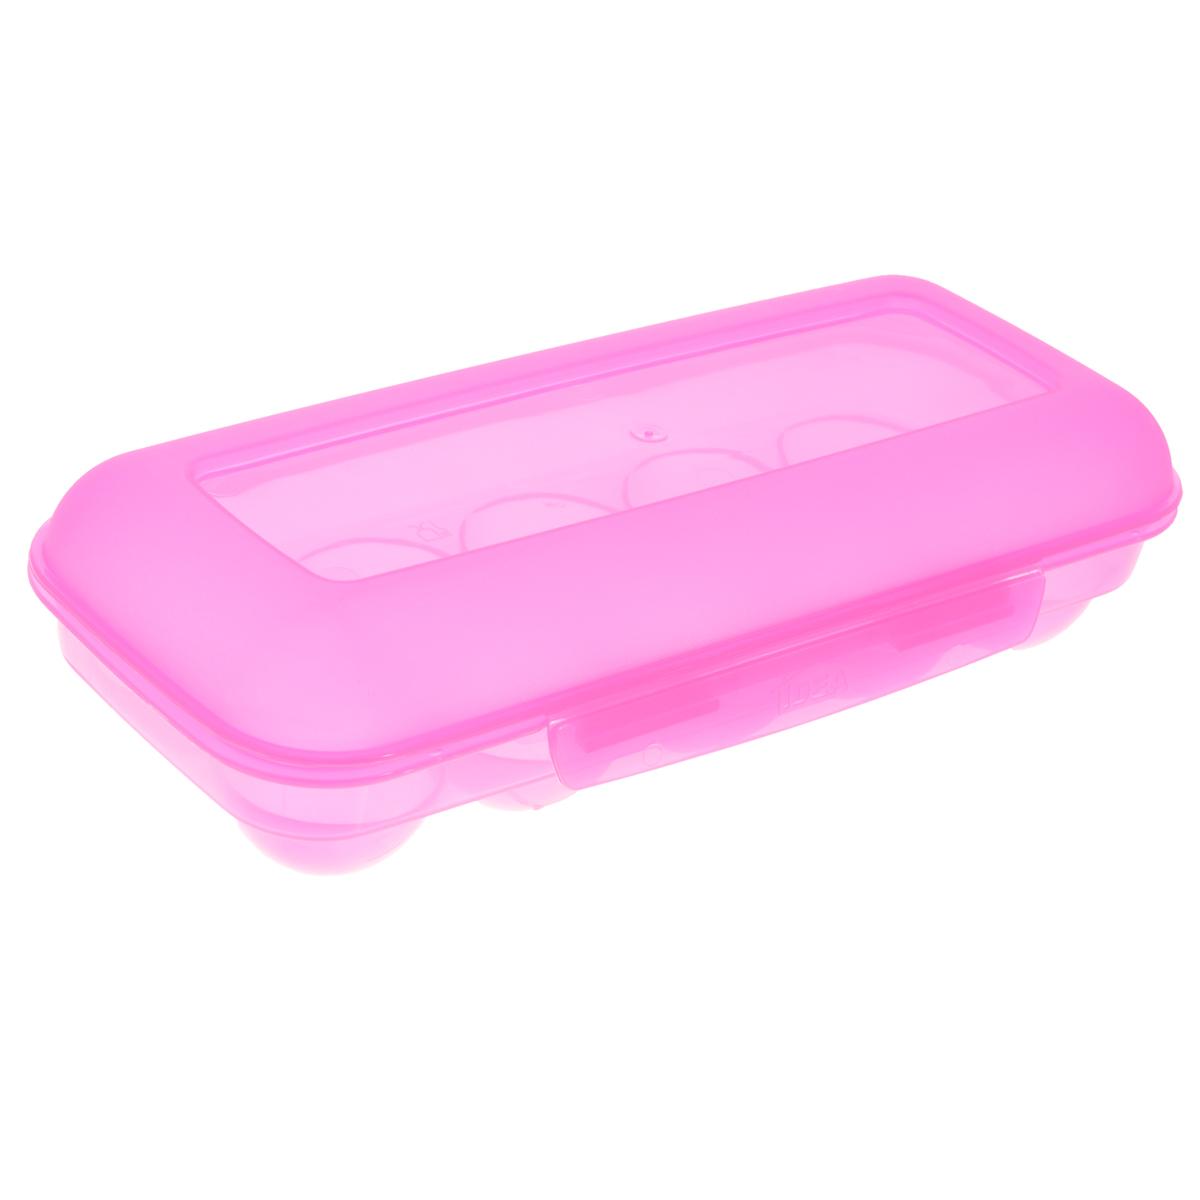 Контейнер для яиц Idea, на 10 шт, цвет: розовый, 26,5 см х 11,5 см х 6,5 смМ 1209Контейнер для яиц Idea выполнен из пластика и снабжен специальными ячейками для 10 яиц. Надежный защелкивающийся замок предотвратит случайное раскрытие контейнера. Он не занимает много места, что очень удобно при транспортировке и хранении. Размер контейнера: 26,5 см х 11,5 см х 6,5 см. Диаметр ячейки: 4,3 см.